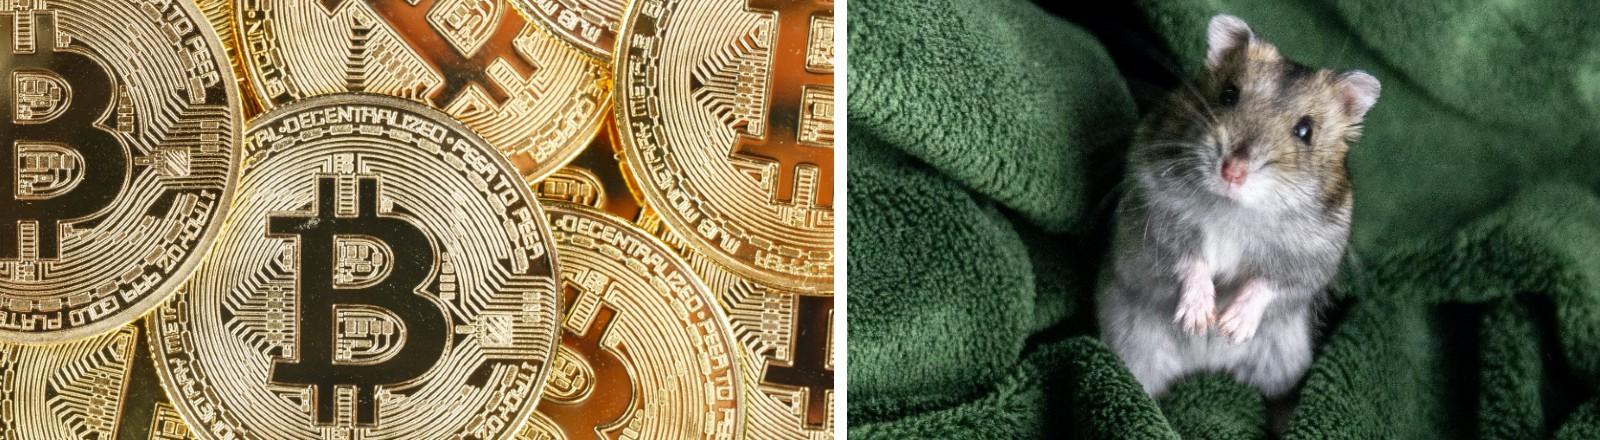 Auf der Collage sieht man links im Bild Münzen der Kryptowährung Bitcoin und rechts einen Hamster.